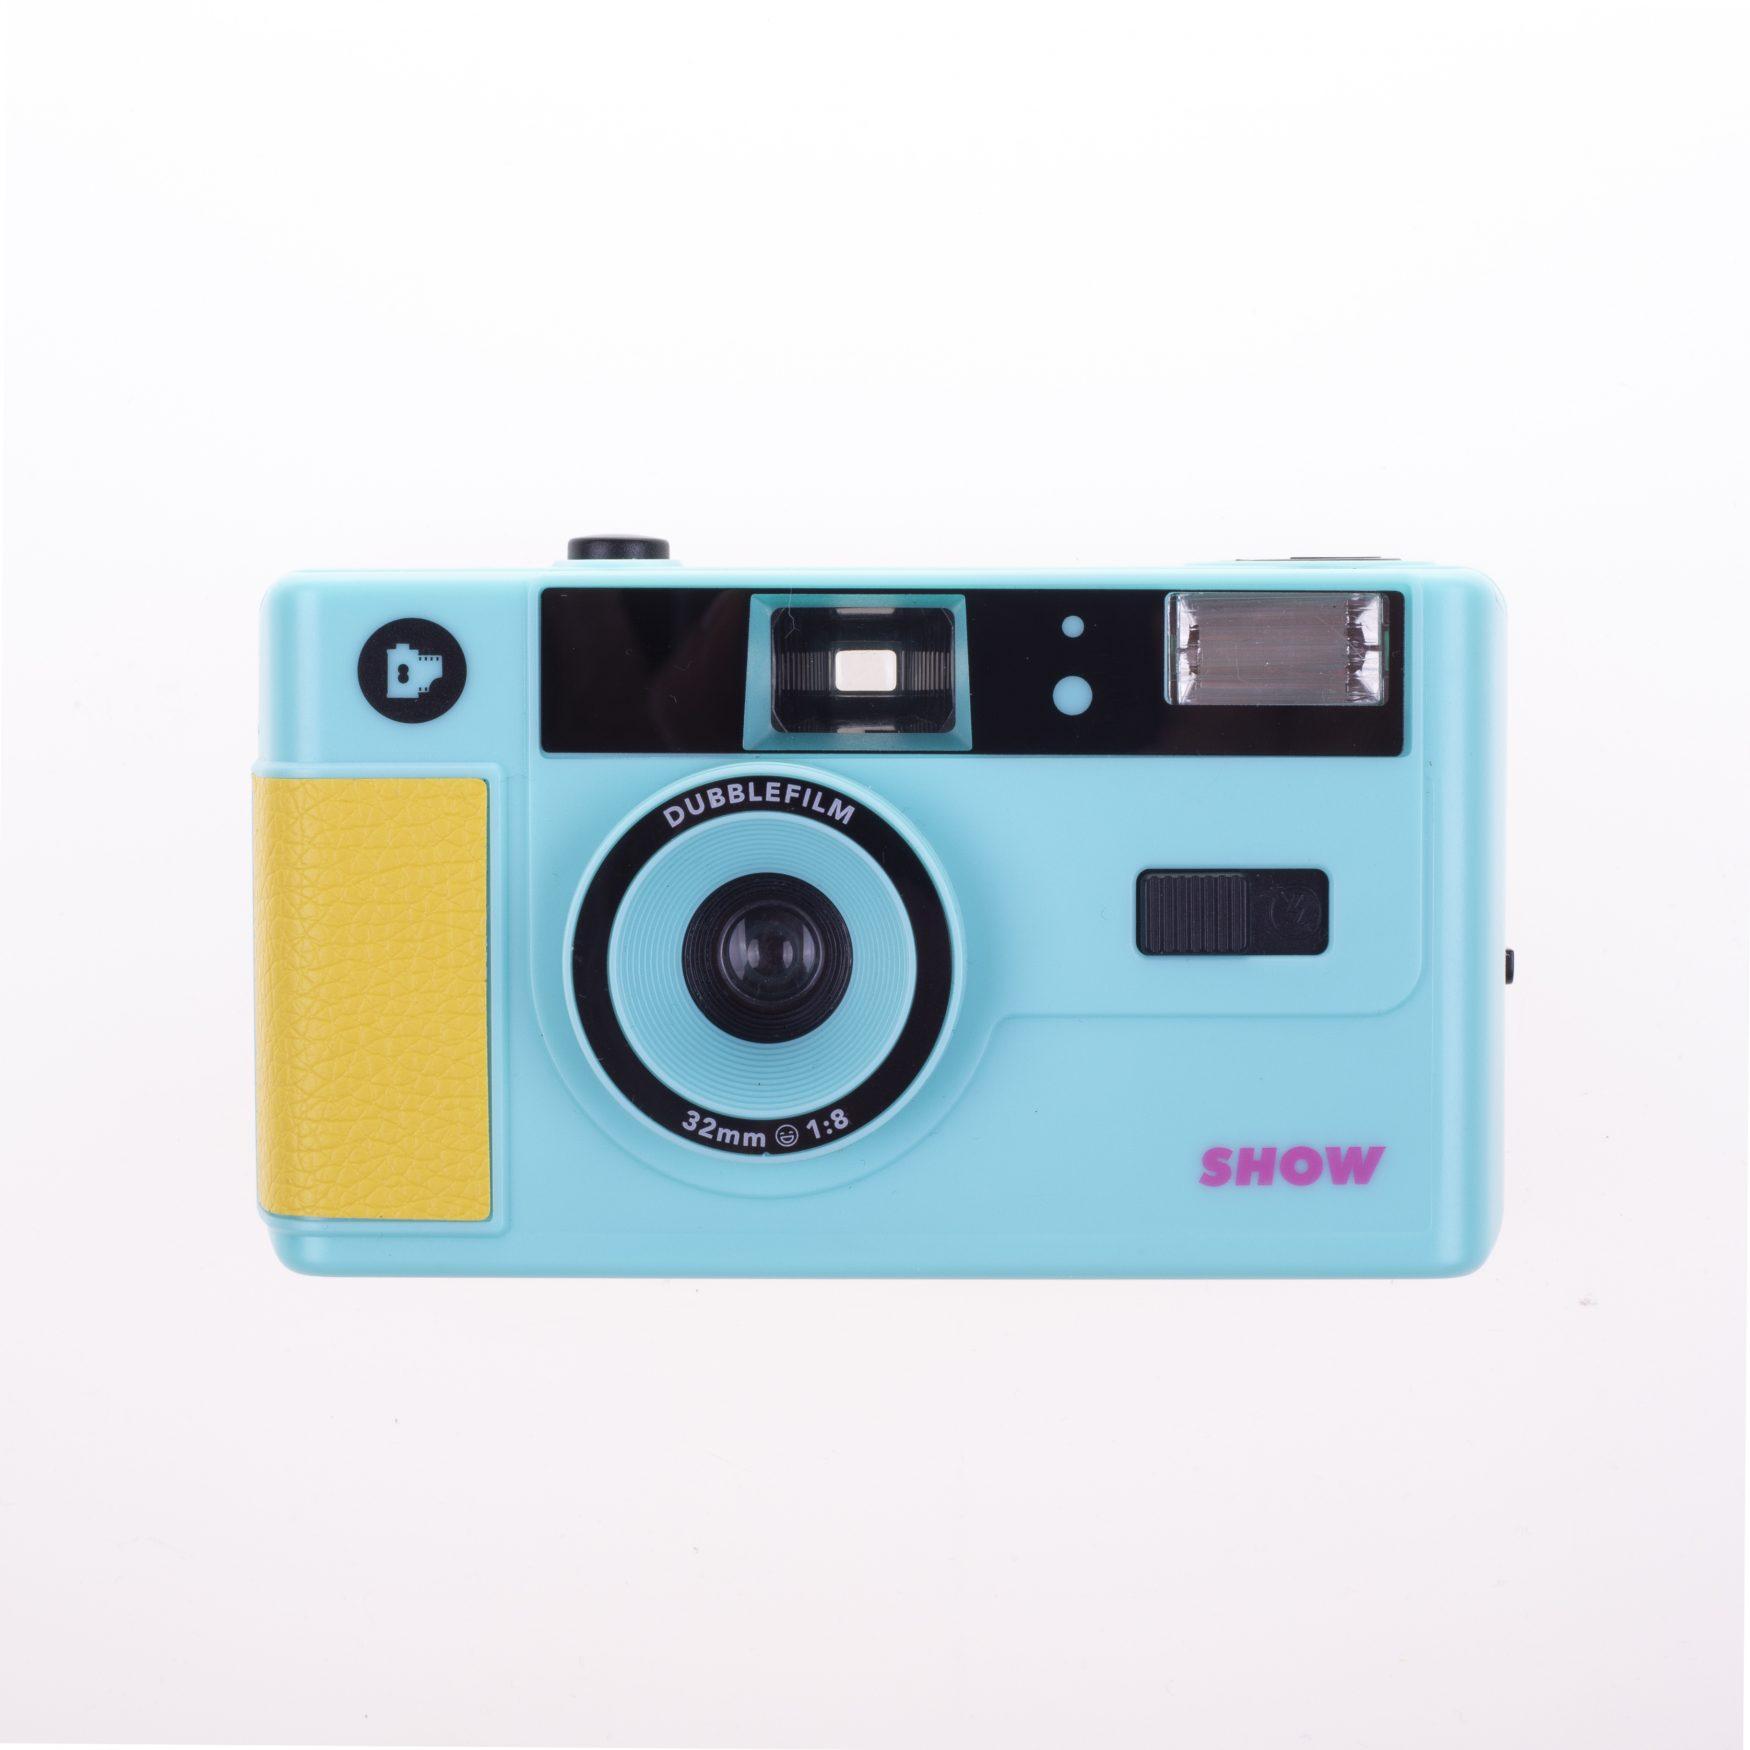 Dubblefilm SHOW Turquoise (Pic: Dubblefilm)